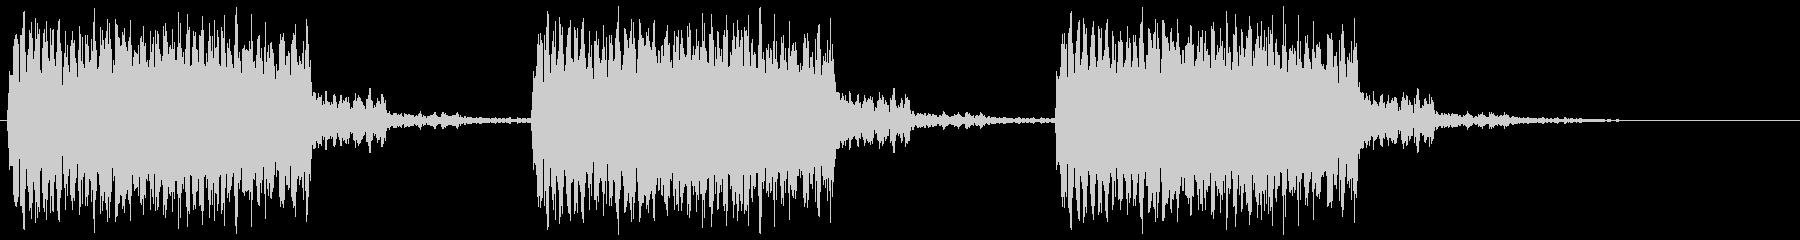 警報警告 アラーム音(ブーッ×3)の未再生の波形